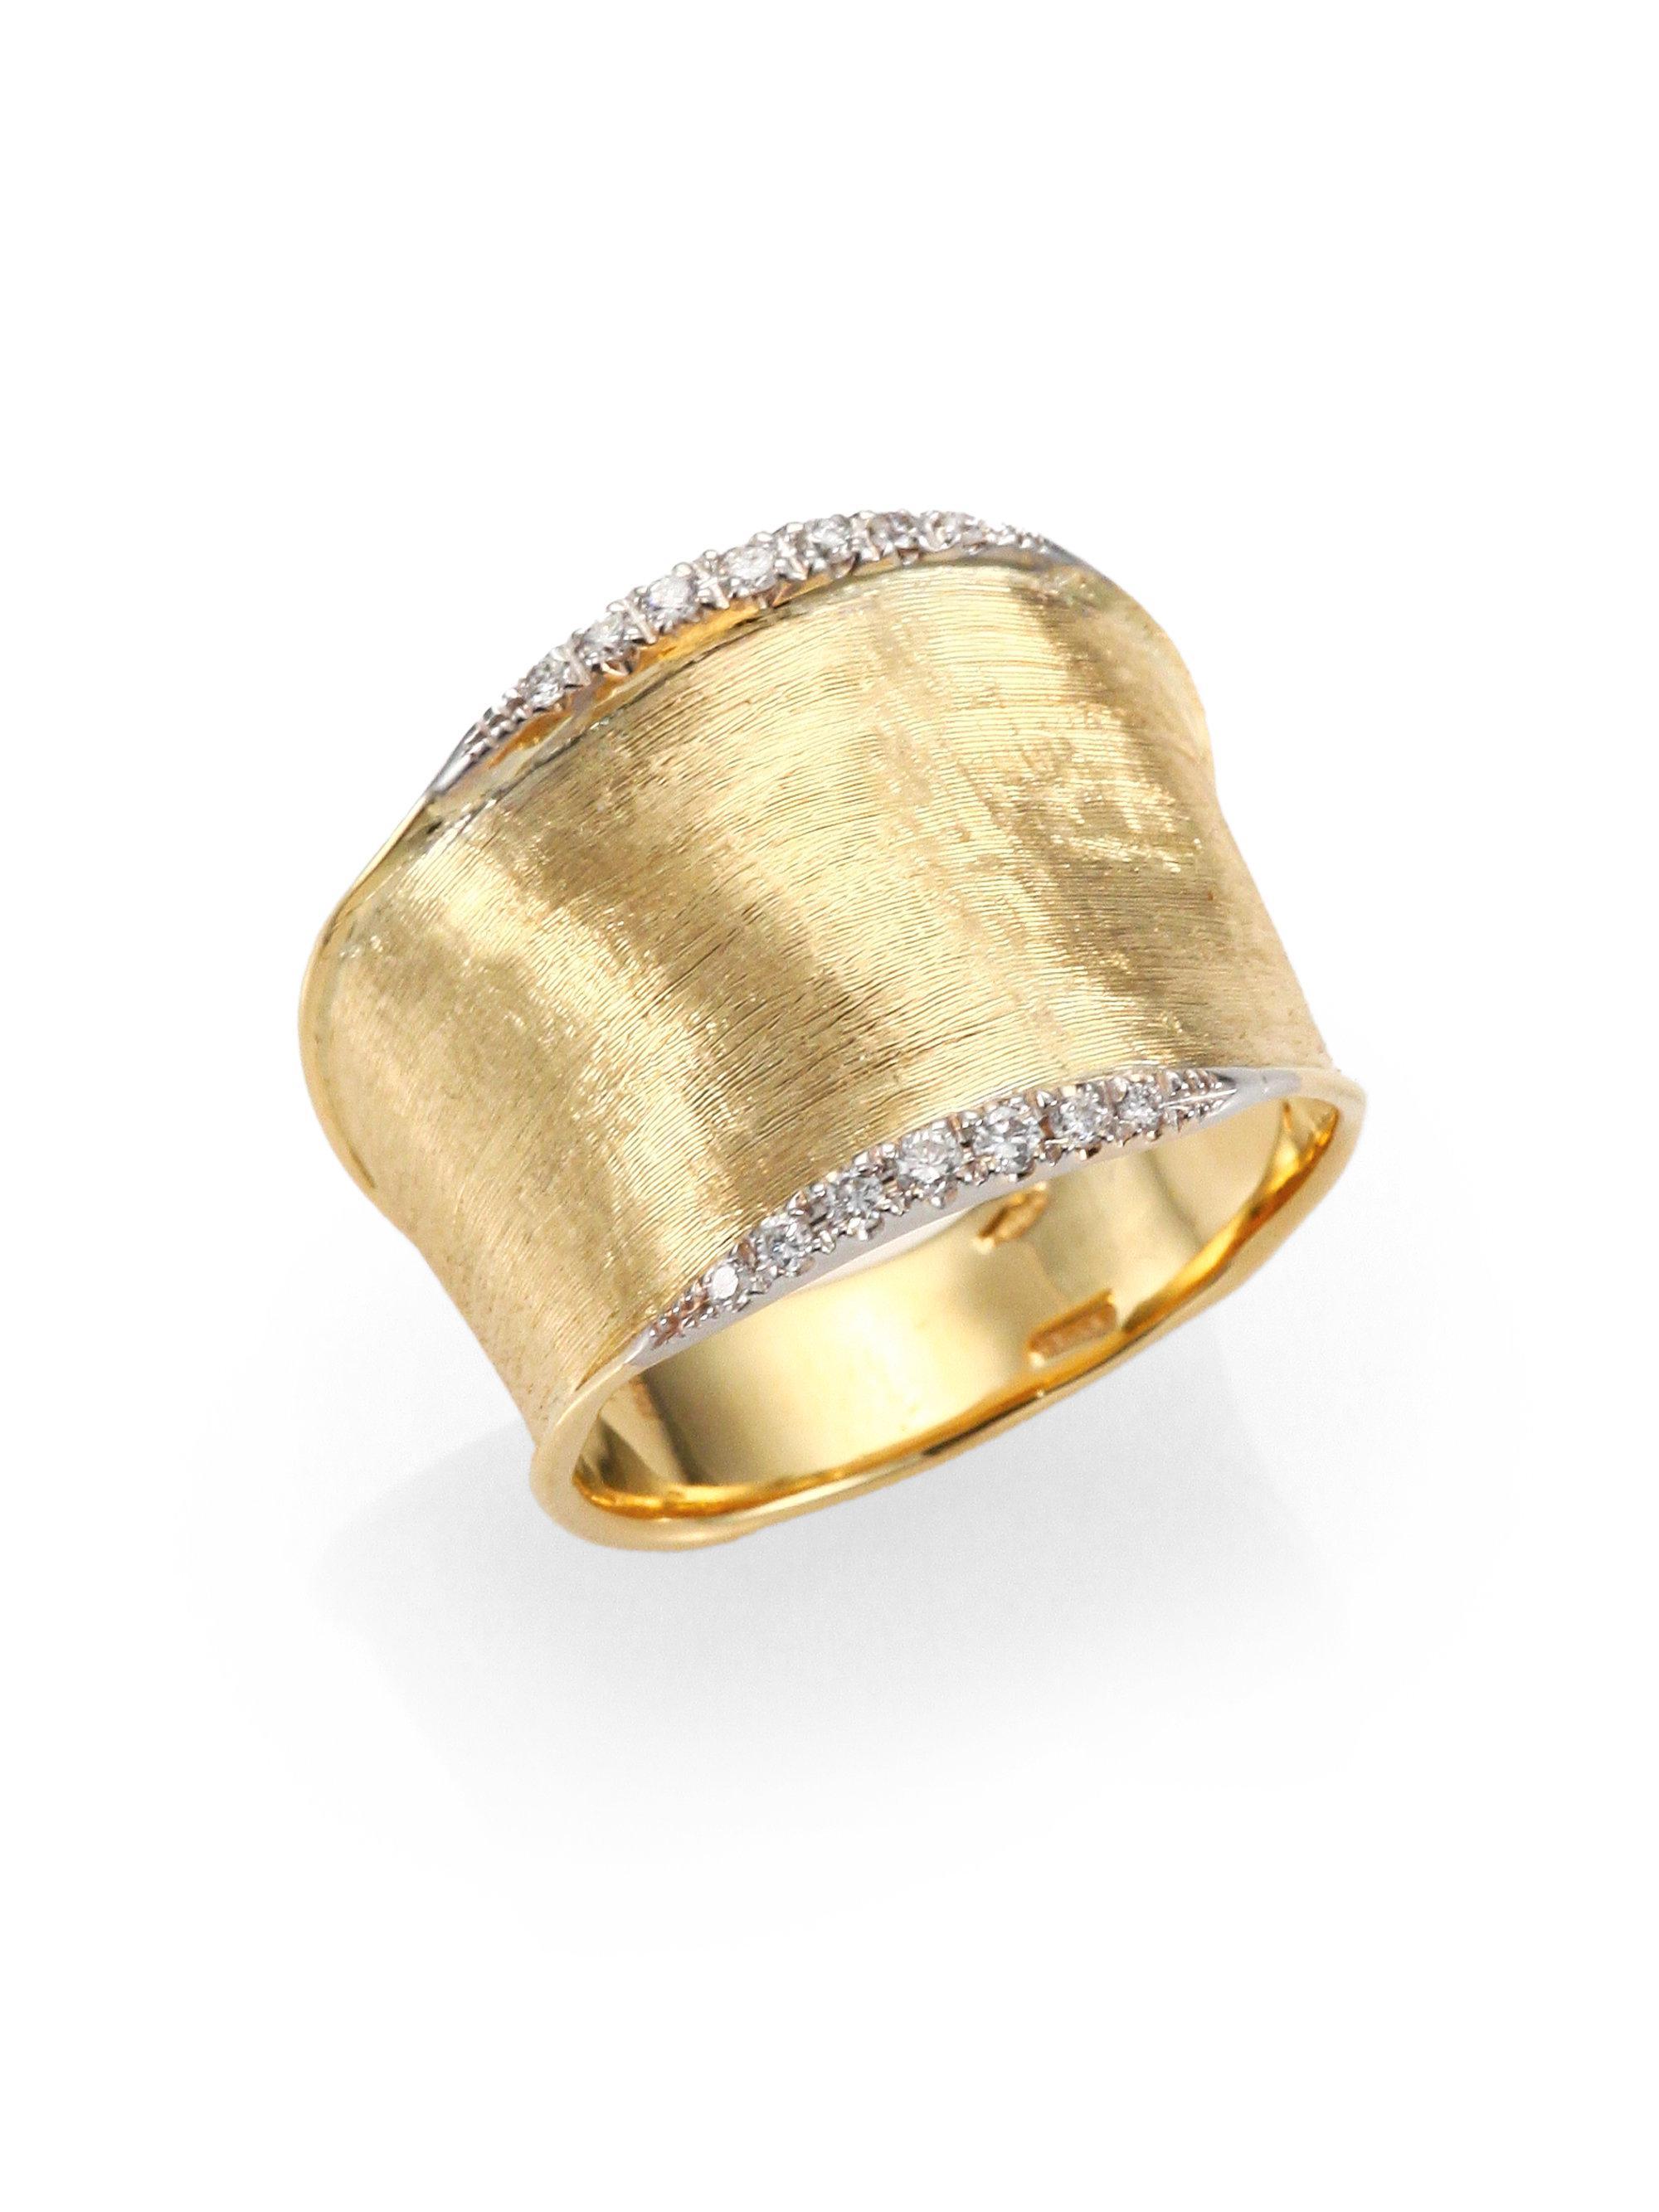 Marco Bicego Lunaria 18k Gold Band Ring k0B7U5k